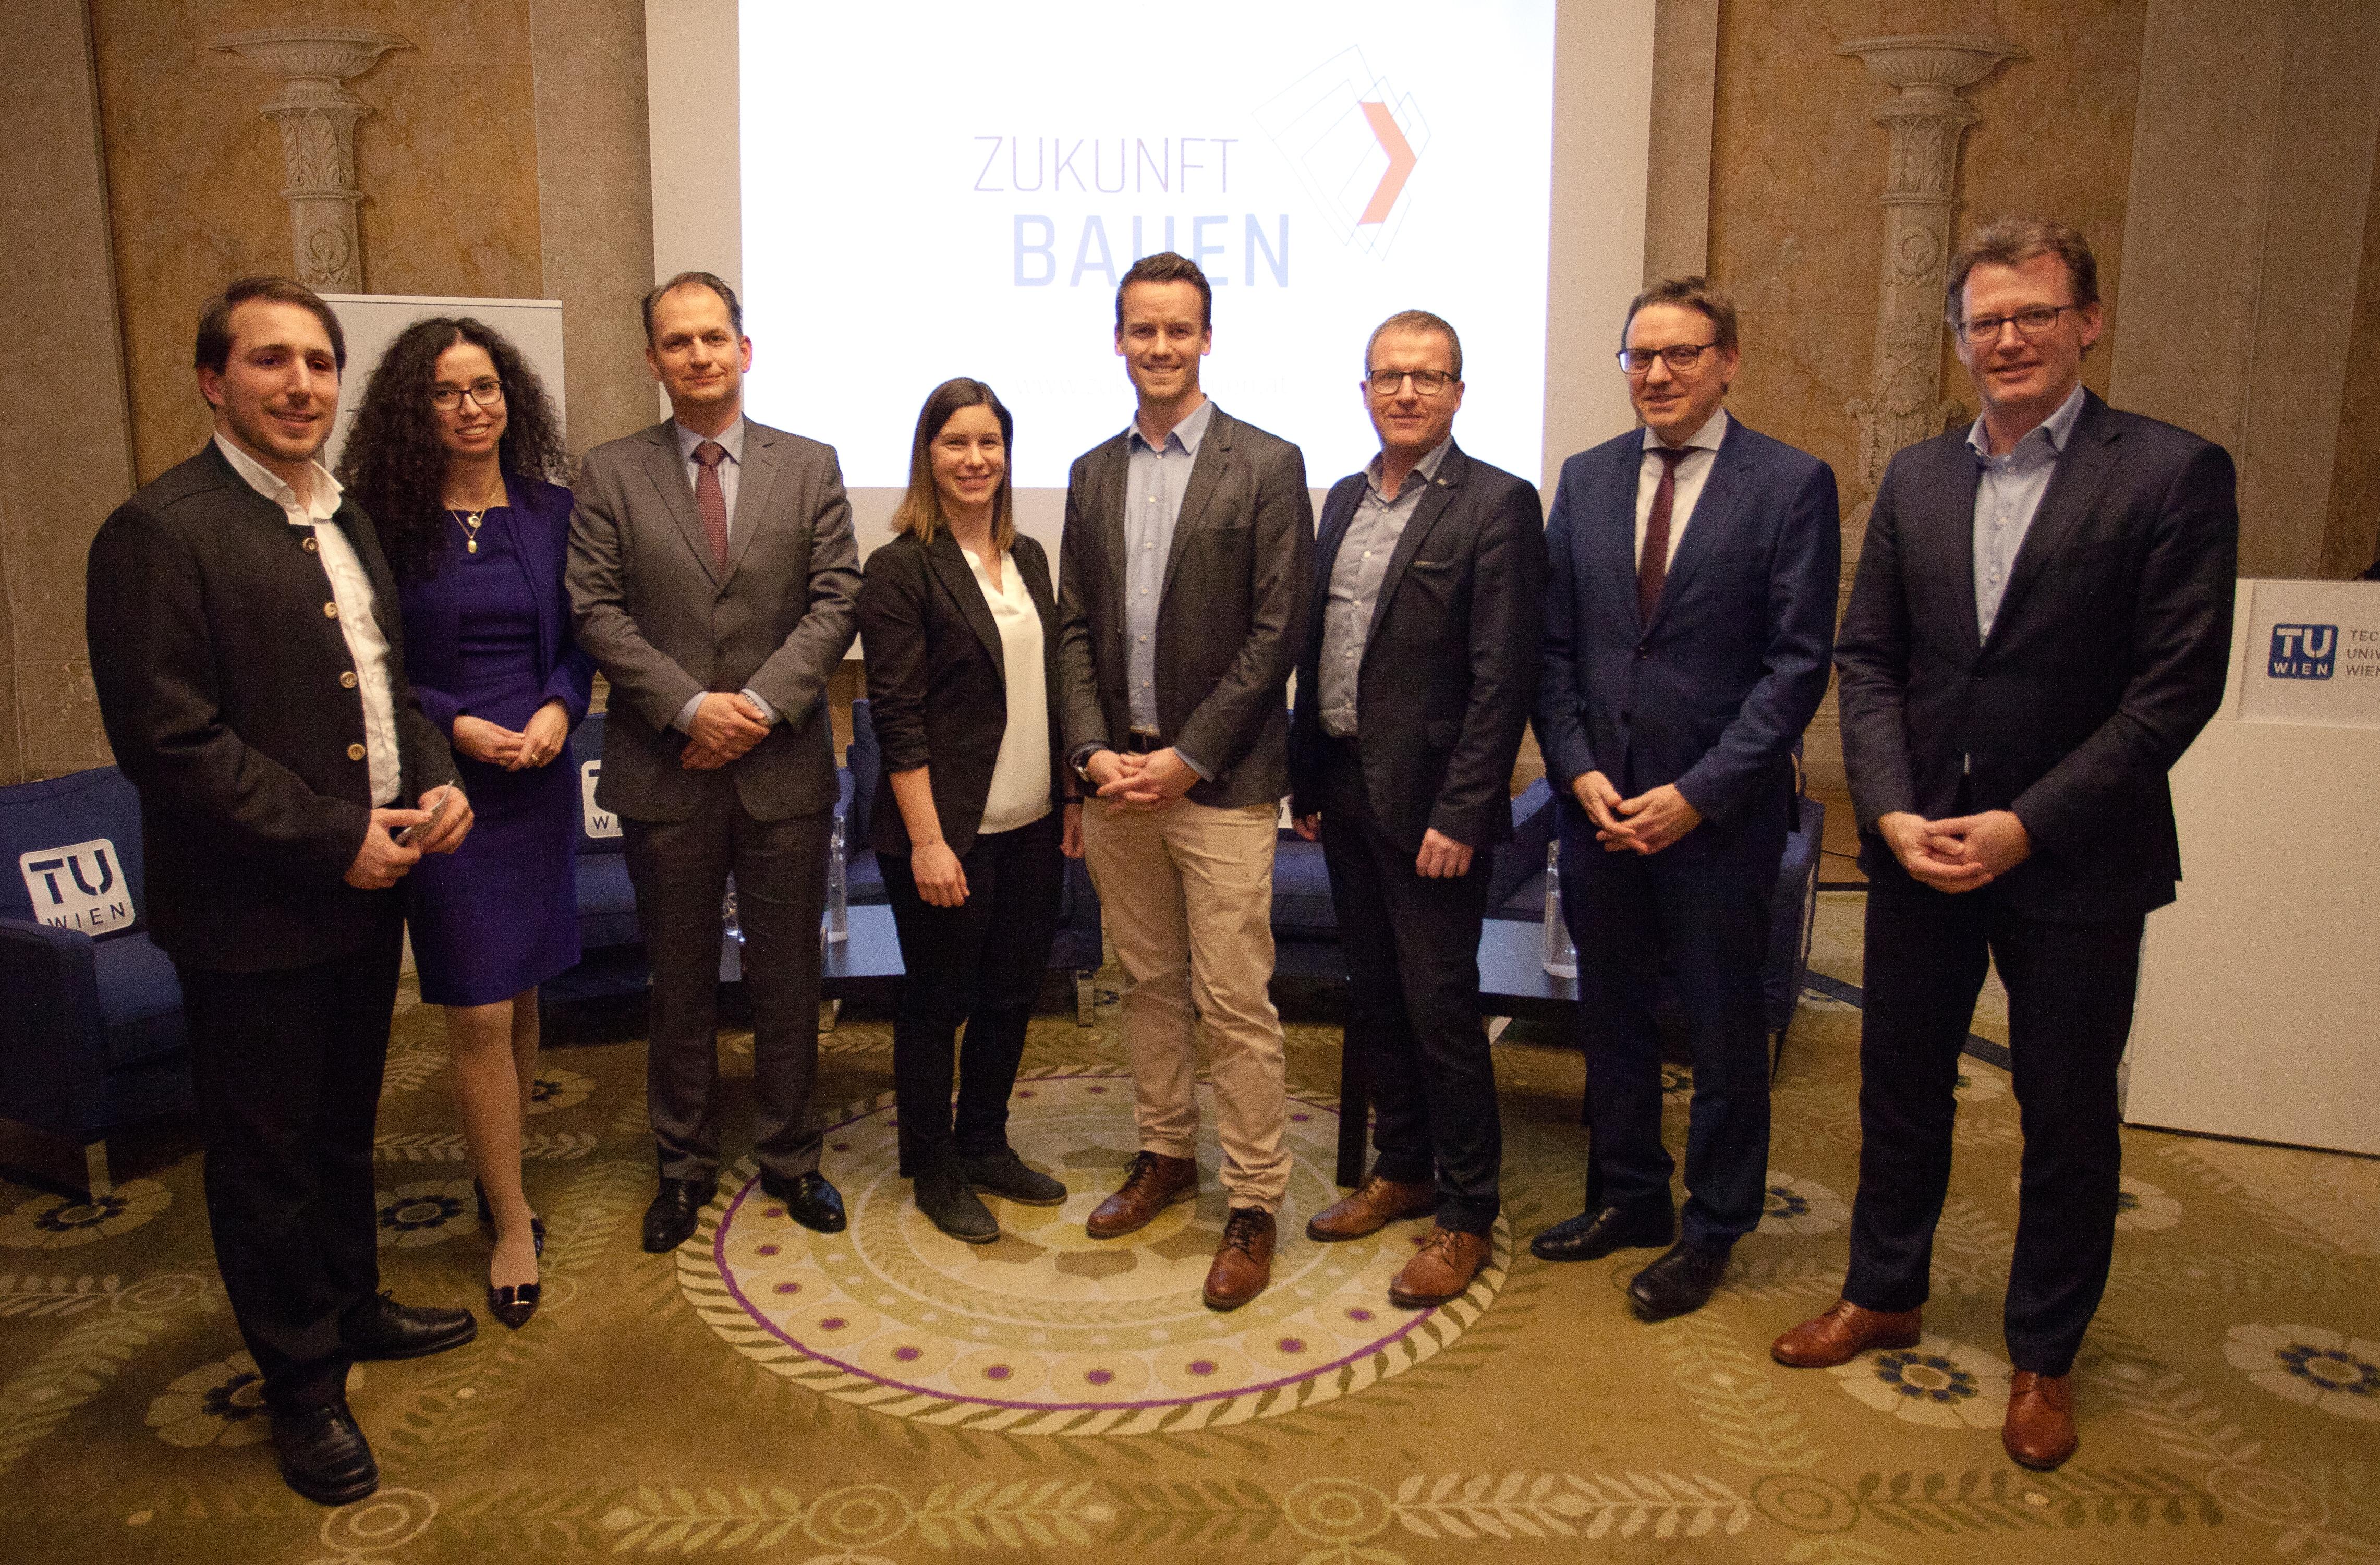 Vorstand des Vereins Zukunft Bauen mit Podiumsgästen und Moderator (v.l.n.r.: Winkler, Wachter, Reckerzügl, Piskernik, Balla, Graf, Goger, Höhne)